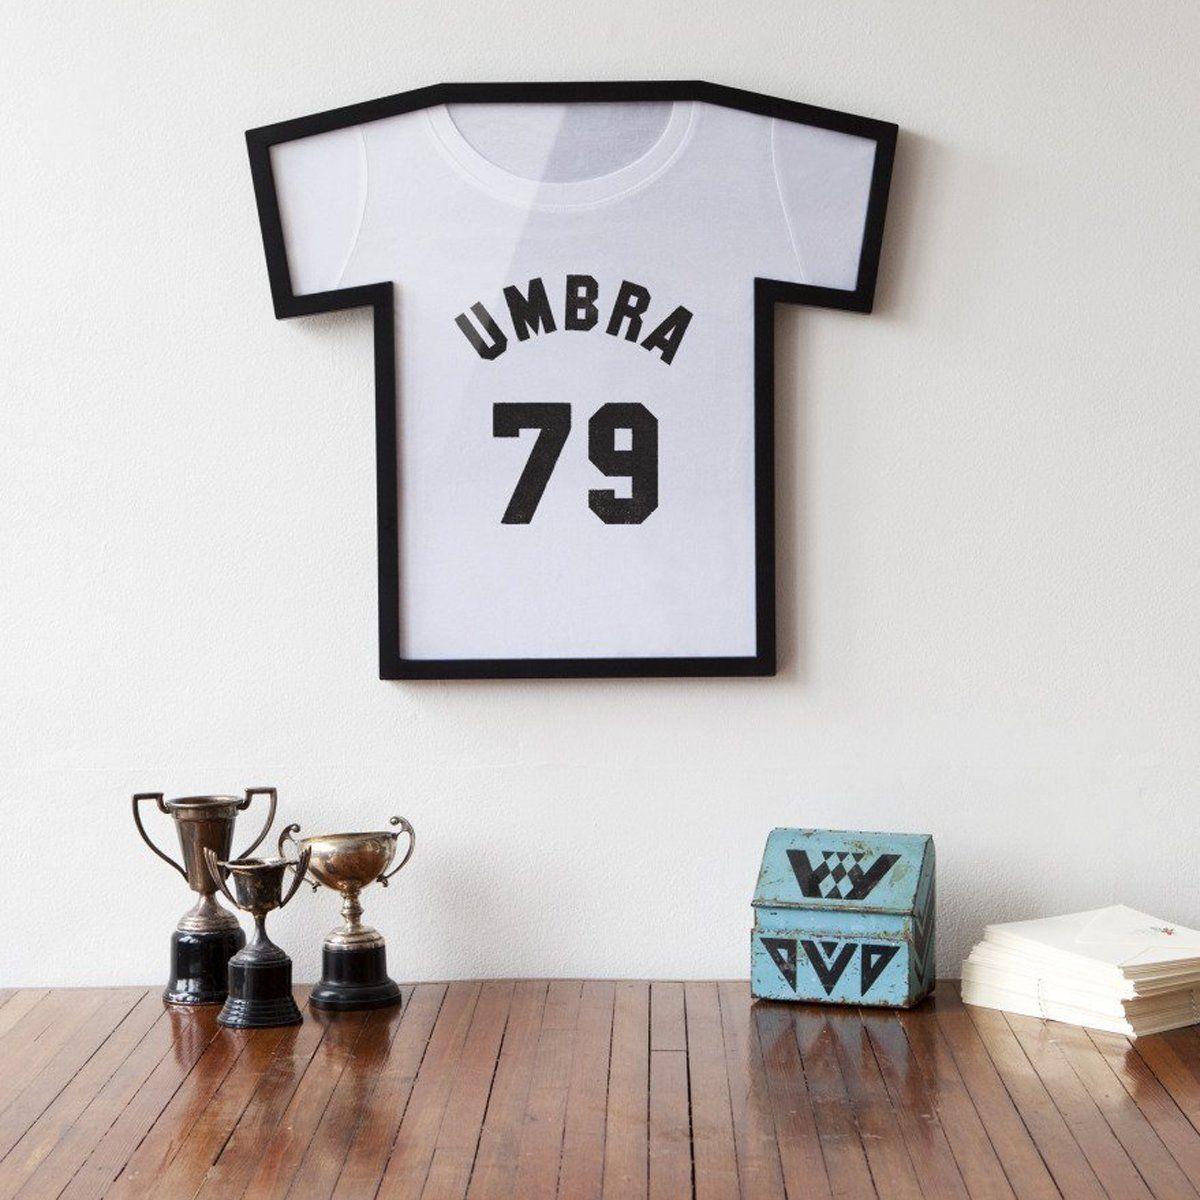 Atemberaubend Umbra Shirt Rahmen Bilder - Benutzerdefinierte ...